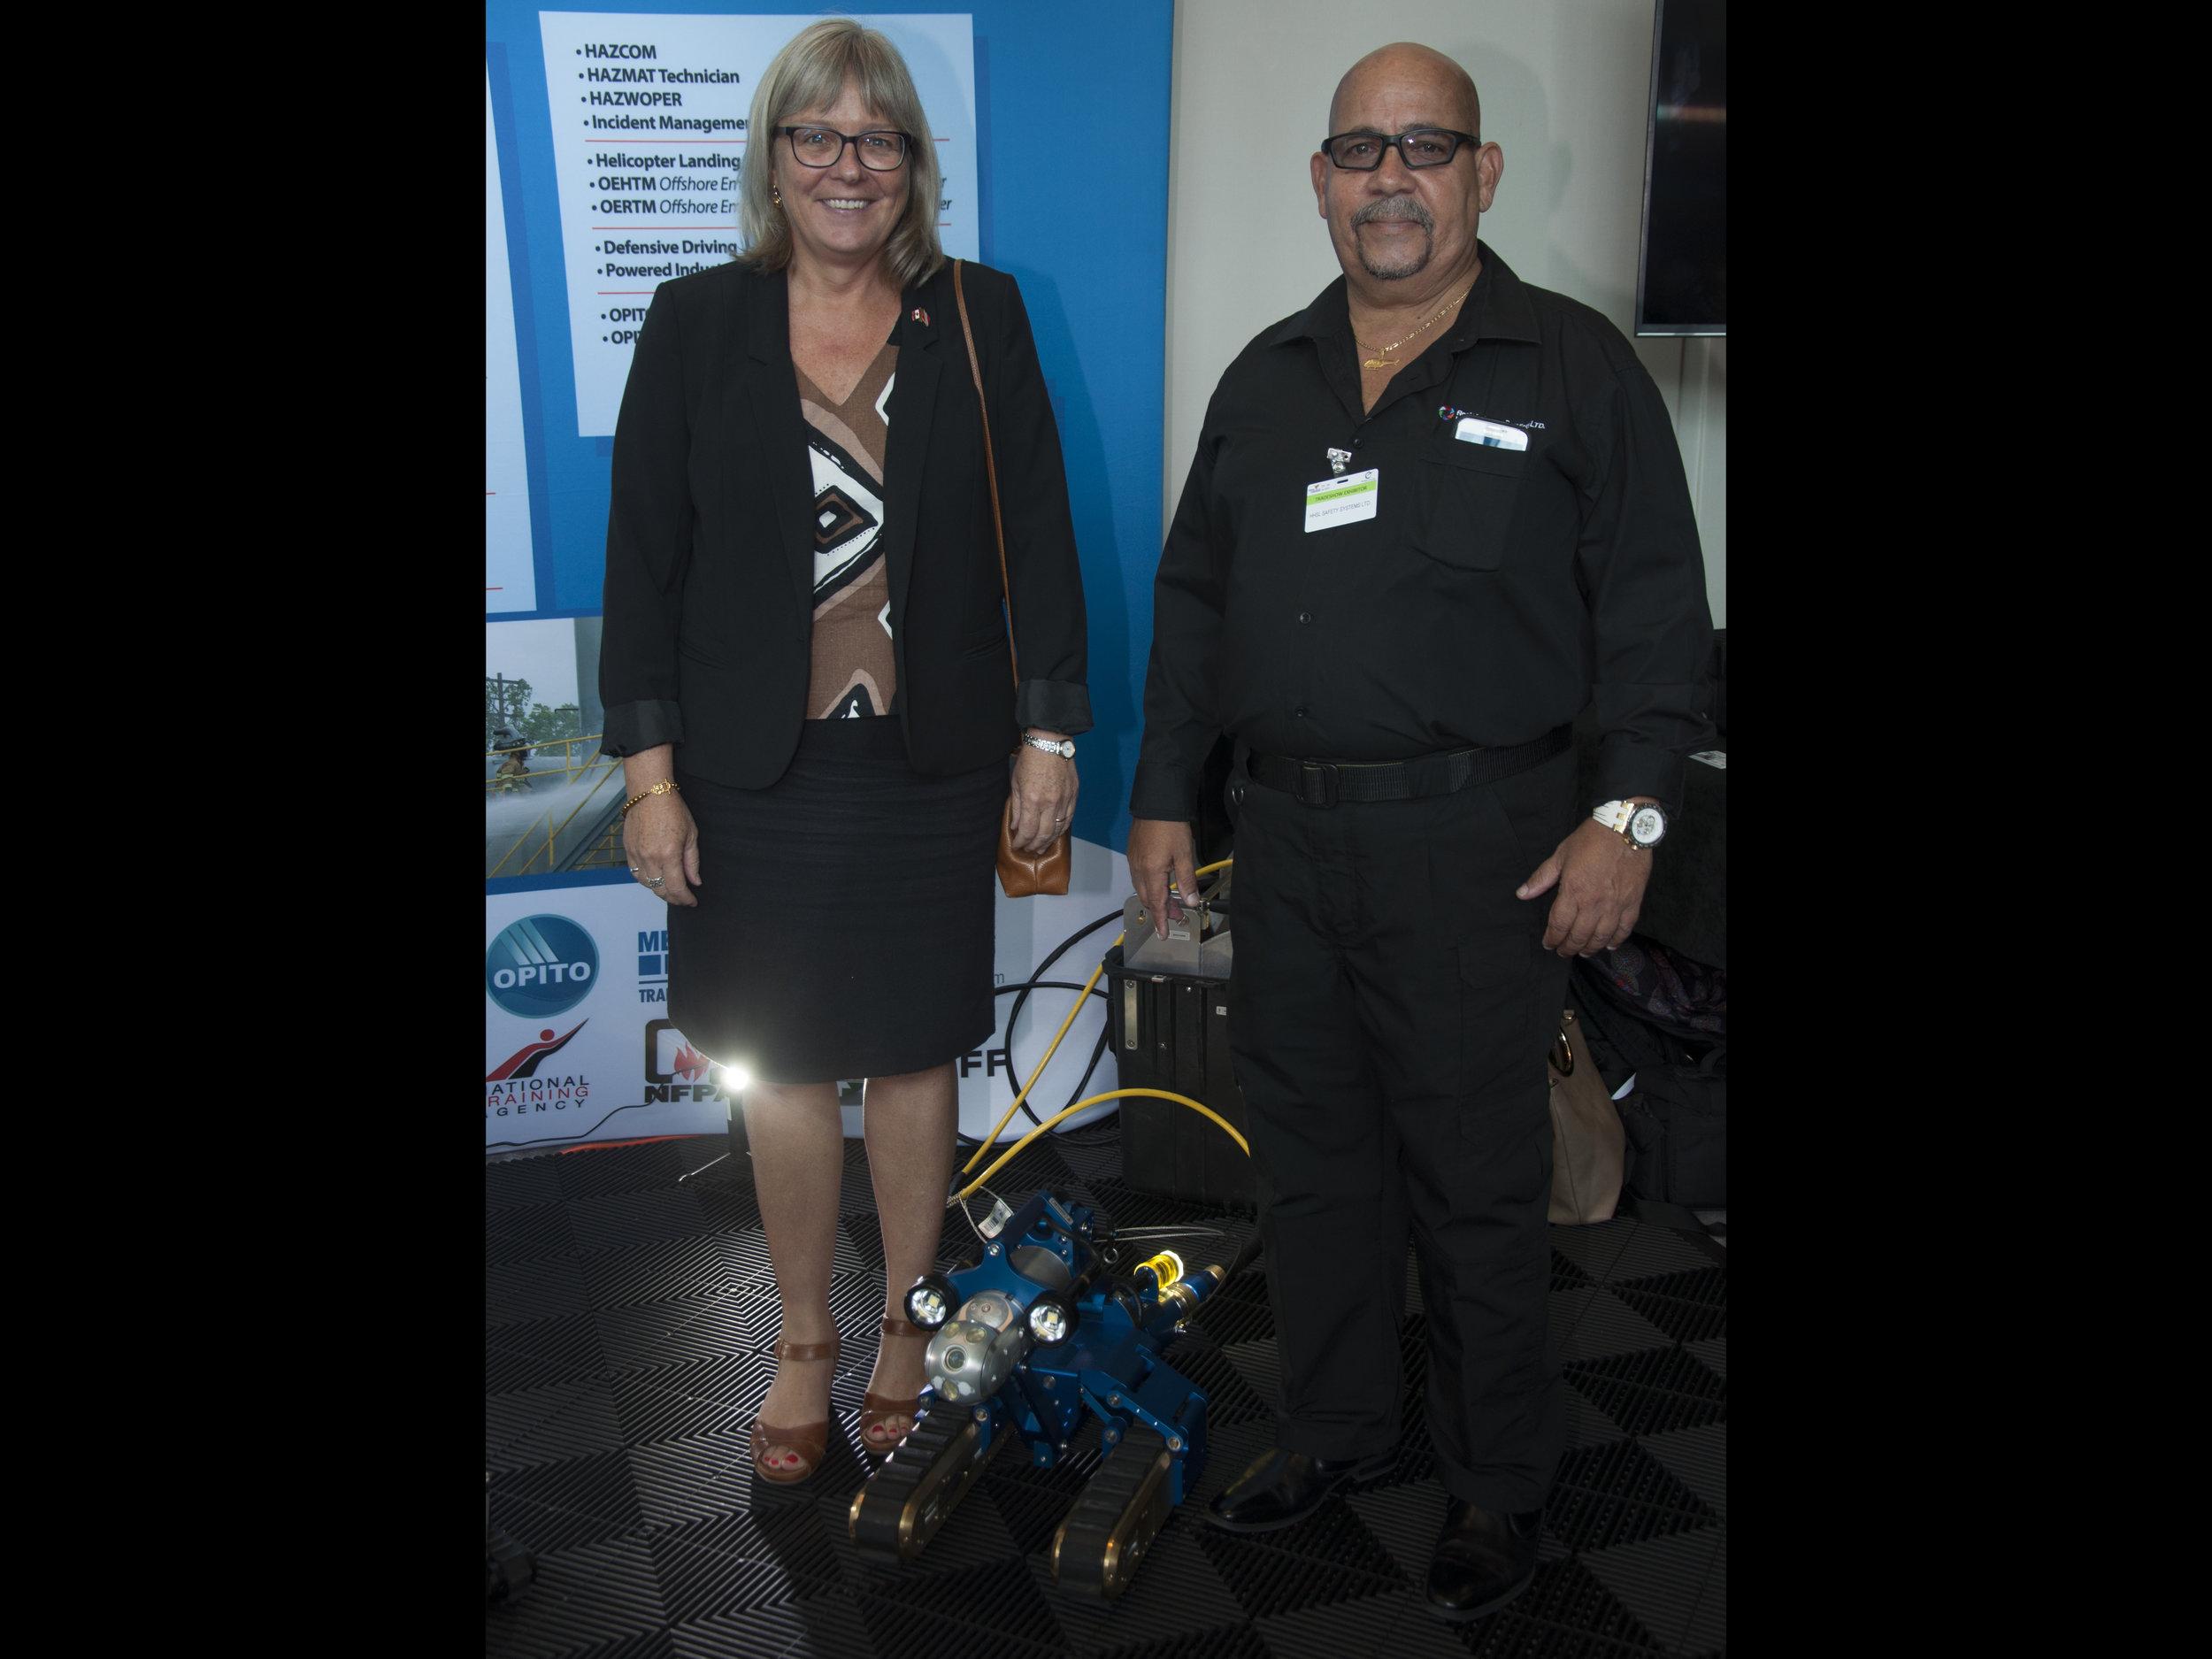 Canadian High Commissioner to Trinidad, Carla Hogan Rufelds